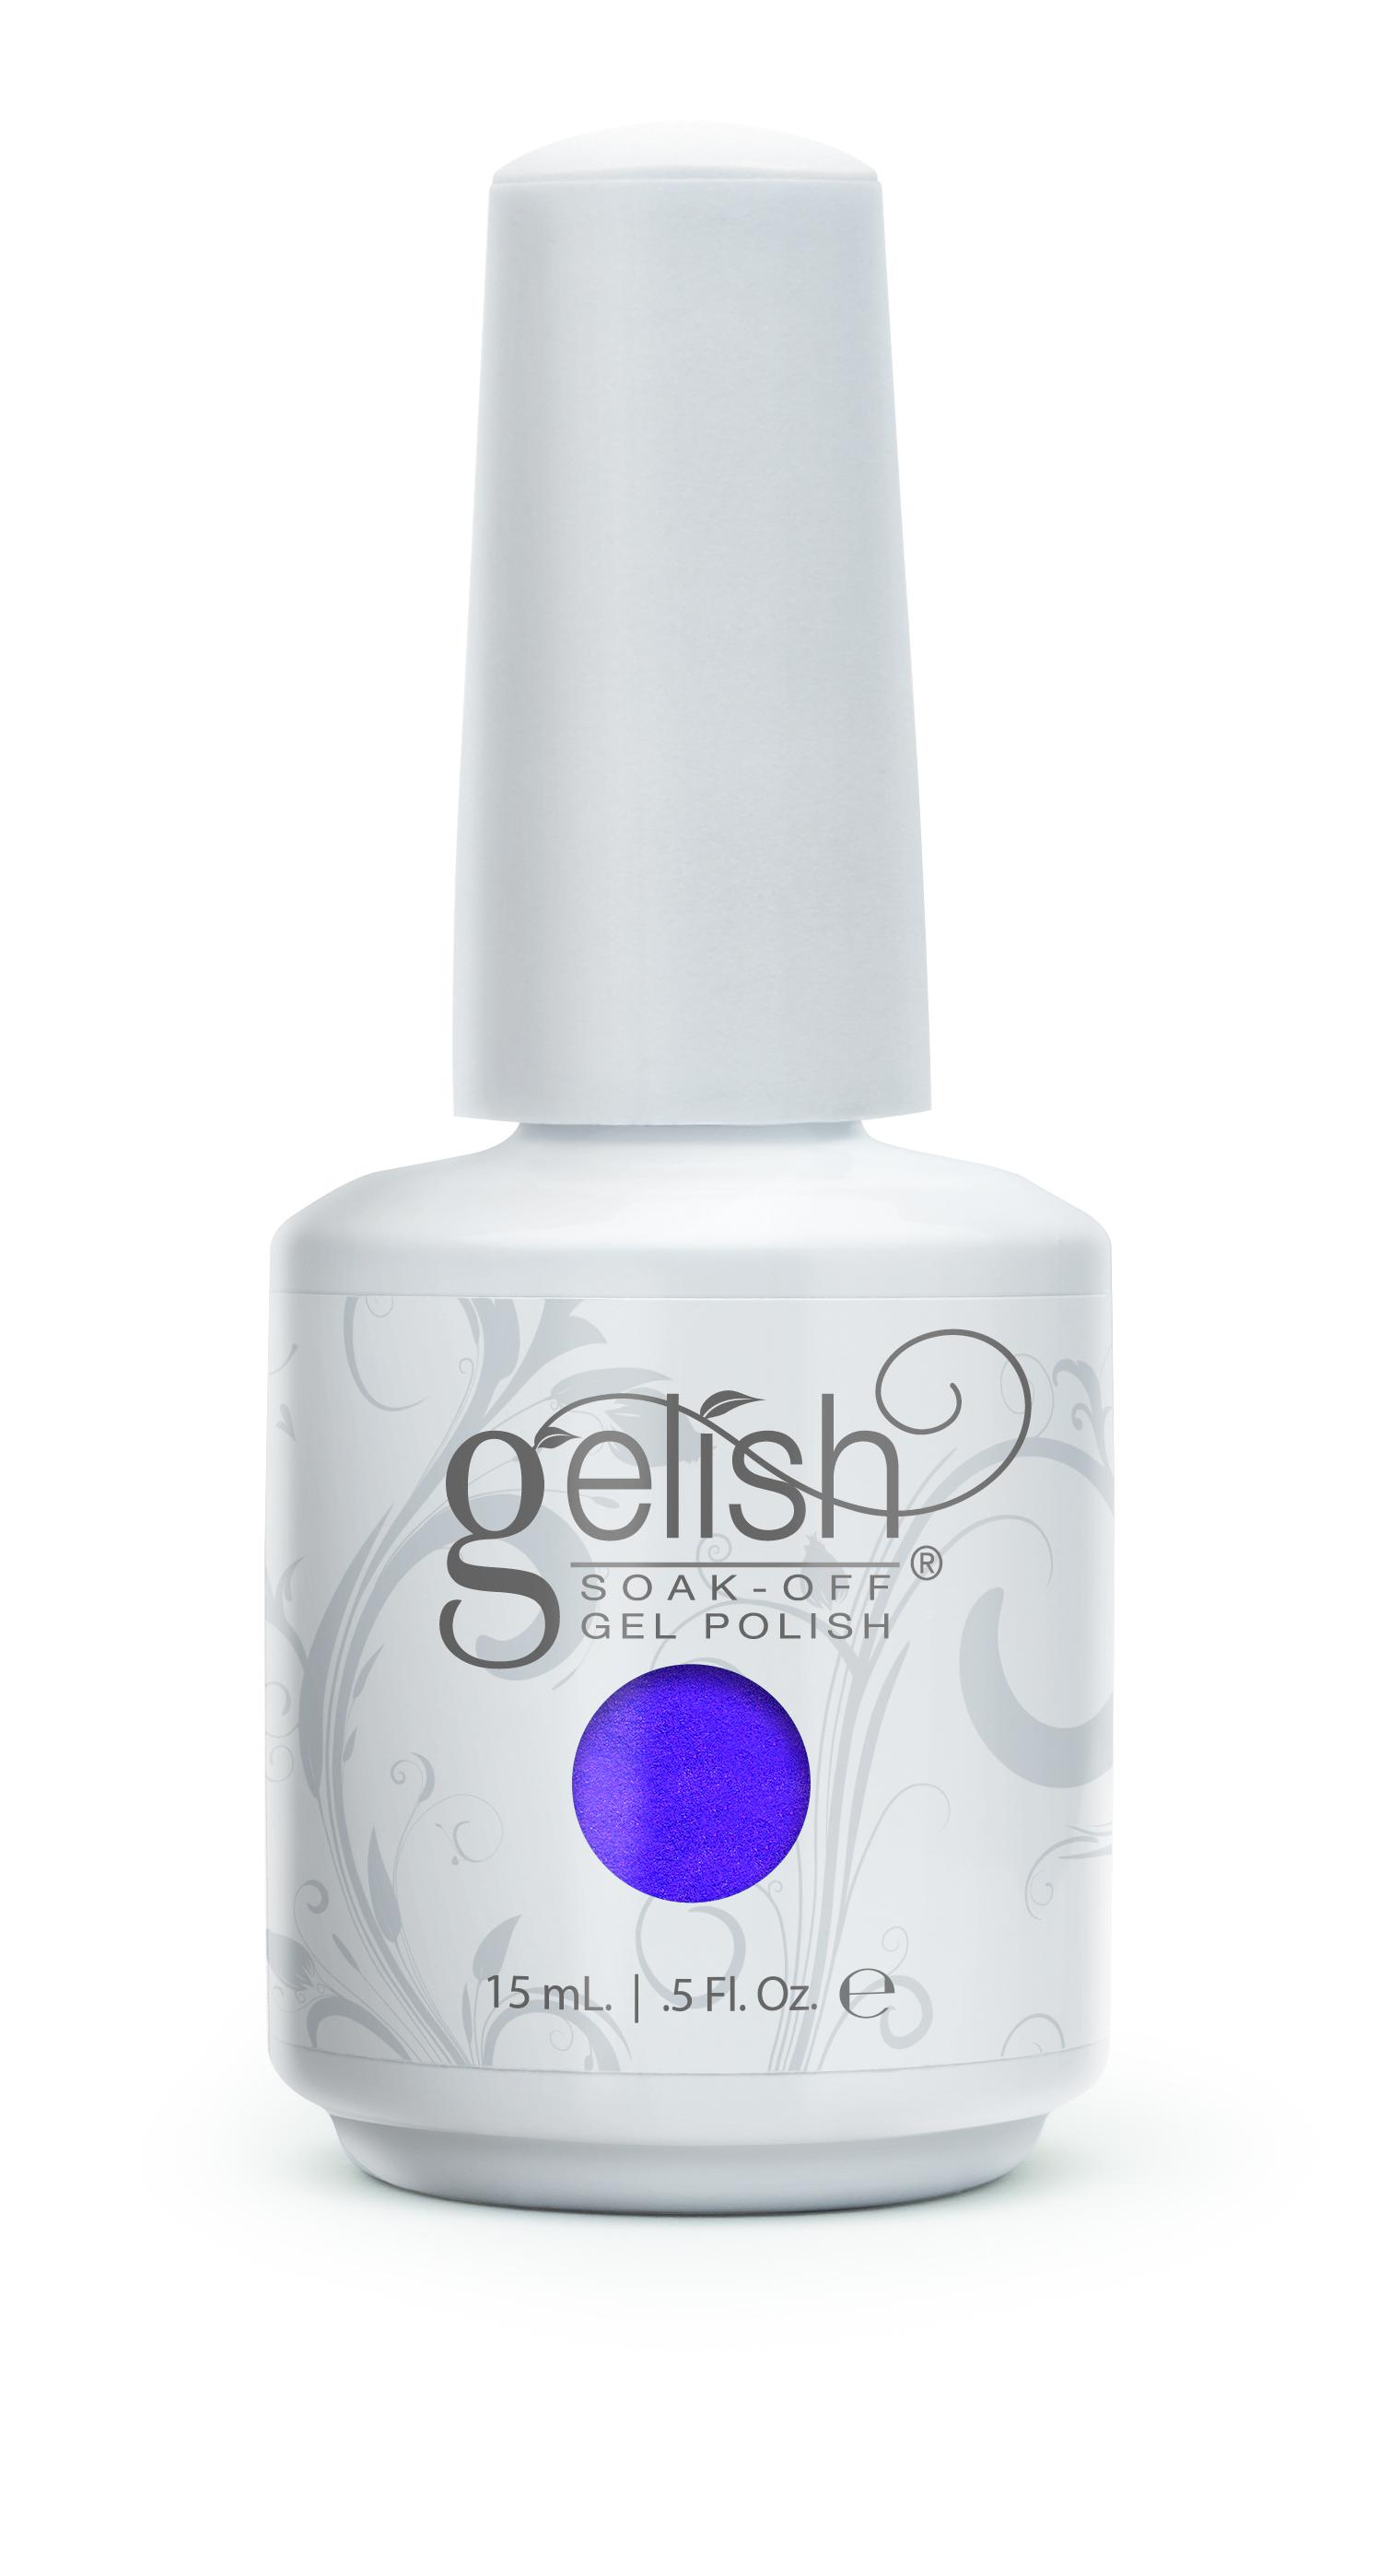 GELISH Гель-лак Extra Plum Sauce / GELISH 15млГель-лаки<br>Гель-лак Gelish наносится на ноготь как лак, с помощью кисточки под колпачком. Процедура нанесения схожа с&amp;nbsp;нанесением обычного цветного покрытия. Все гель-лаки Harmony Gelish выполняют функцию еще и укрепляющего геля, делая ногти более прочными и длинными. Ногти клиента находятся под защитой гель-лака, они не ломаются и не расслаиваются. Гель-лаки Gelish после сушки в LED или УФ лампах держатся на натуральных ногтях рук до 3 недель, а на ногтях ног до 5 недель. Способ применения: Подготовительный этап. Для начала нужно сделать маникюр. В зависимости от ваших предпочтений это может быть европейский, классический обрезной, СПА или аппаратный маникюр. Главное, сдвинуть кутикулу с ногтевого ложа и удалить ороговевшие участки кожи вокруг ногтей. Особенностью этой системы является то, что перед нанесением базового слоя необходимо обработать ноготь шлифовочным бафом Harmony Buffer 100/180 грит, для того, чтобы снять глянец. Это поможет улучшить сцепку покрытия с ногтем. Пыль, которая осталась после опила, излишки жира и влаги удаляются с помощью обезжиривателя Бондер / GELISH pH Bond 15&amp;nbsp;мл или любого другого дегитратора. Нанесение искусственного покрытия Harmony.&amp;nbsp; После того, как подготовительные процедуры завершены, можно приступать непосредственно к нанесению искусственного покрытия Harmony Gelish. Как и все гелевые лаки, продукцию этого бренда необходимо полимеризовать в лампе. Гель-лаки Gelish сохнут (полимеризуются) под LED или УФ лампой. Время полимеризации: В LED лампе 18G/6G = 30 секунд В LED лампе Gelish Mini Pro = 45 секунд В УФ лампах 36 Вт = 120 секунд В УФ лампе Harmony Mini Portable UV Light = 180 секунд ПРИМЕЧАНИЕ: подвергать полимеризации необходимо каждый слой гель-лакового покрытия! 1)Первым наносится тонкий слой базового покрытия Gelish Foundation Soak Off Base Gel 15 мл. 2)Следующий шаг   нанесение цветного гель-лака Harmony Gelish.&amp;nbsp; 3)Заключительный этап Нане